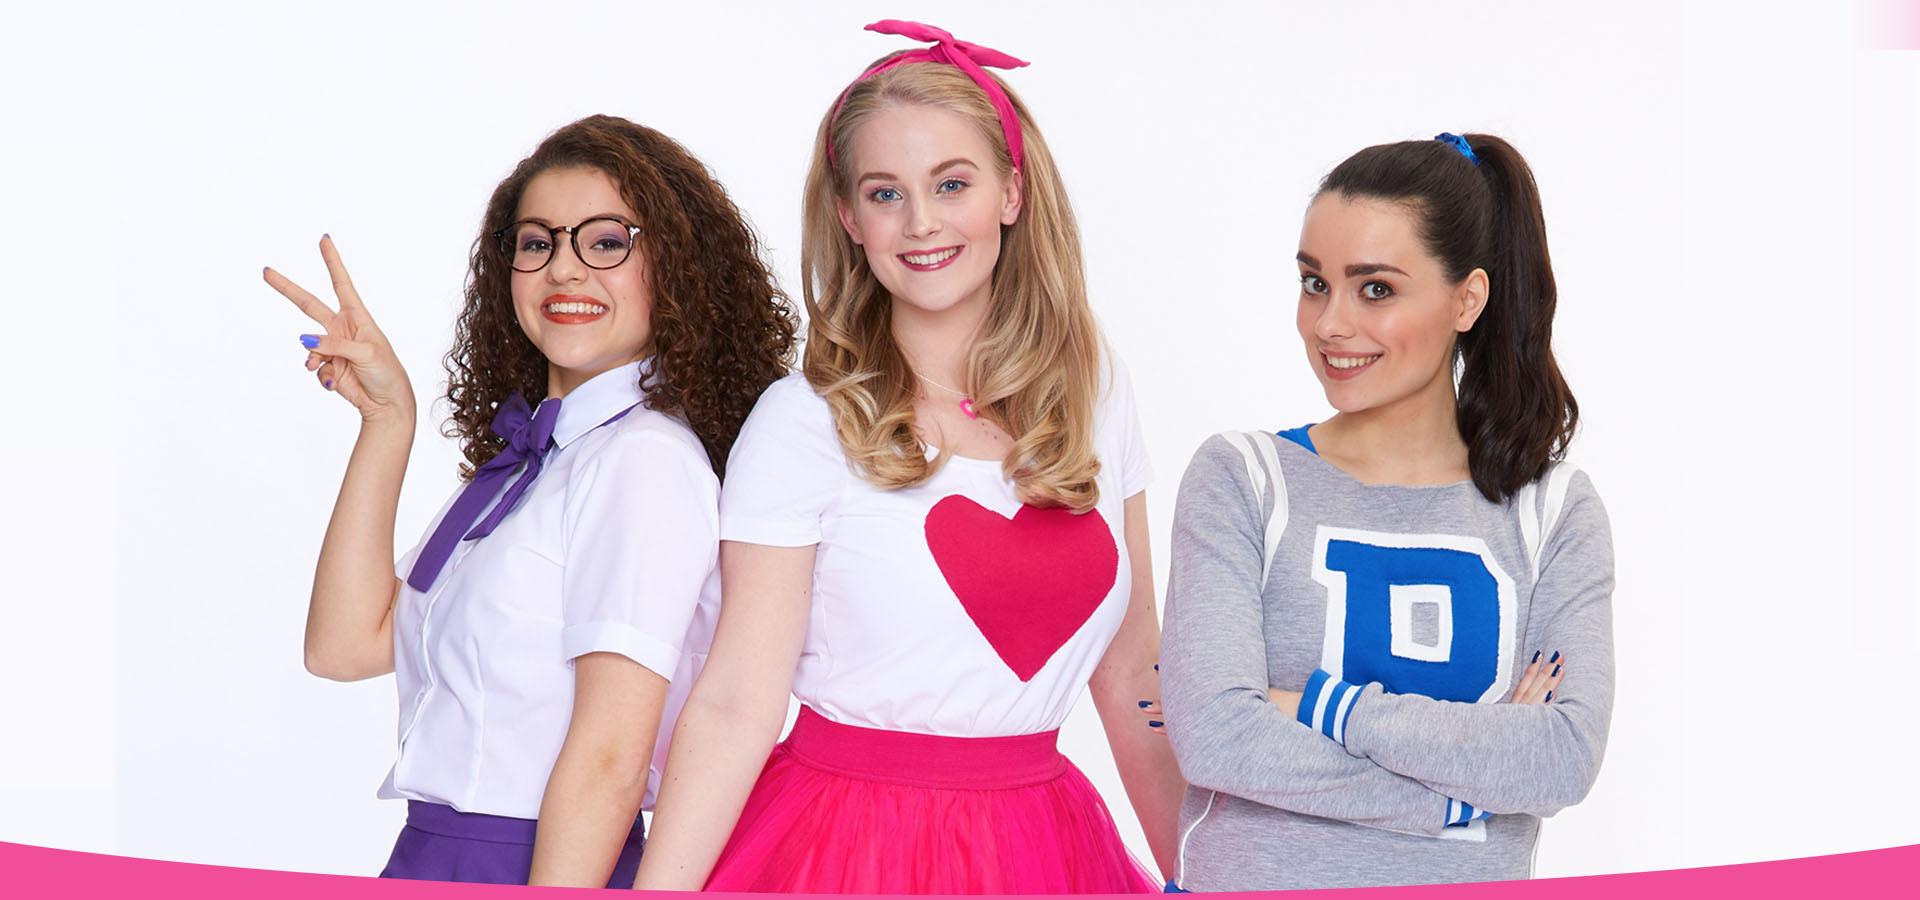 Dit is Raak! bestaande uit de meiden Jess, Nikki en Zoë.